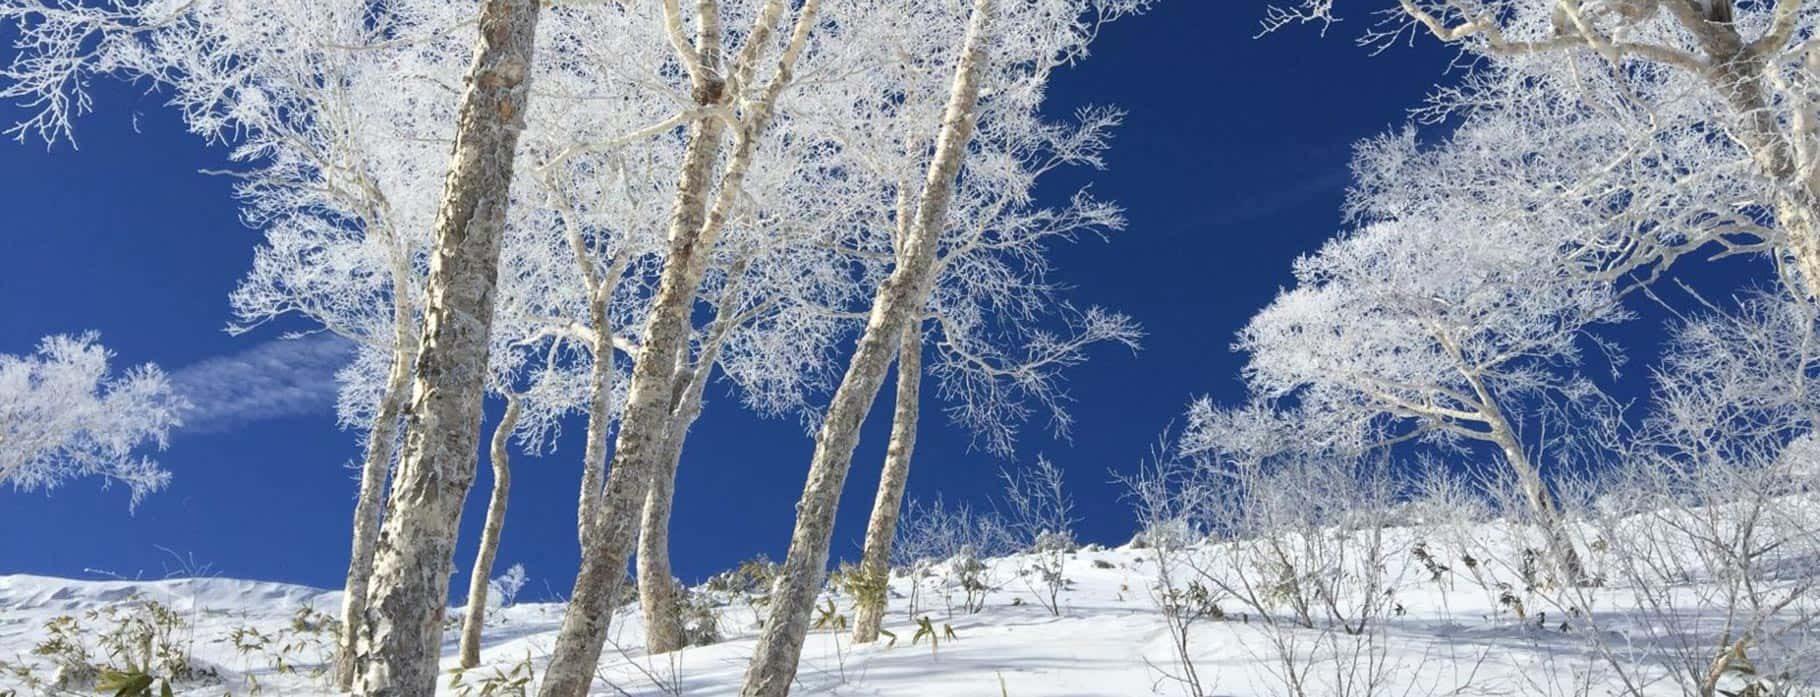 Winter Luxury Holidays